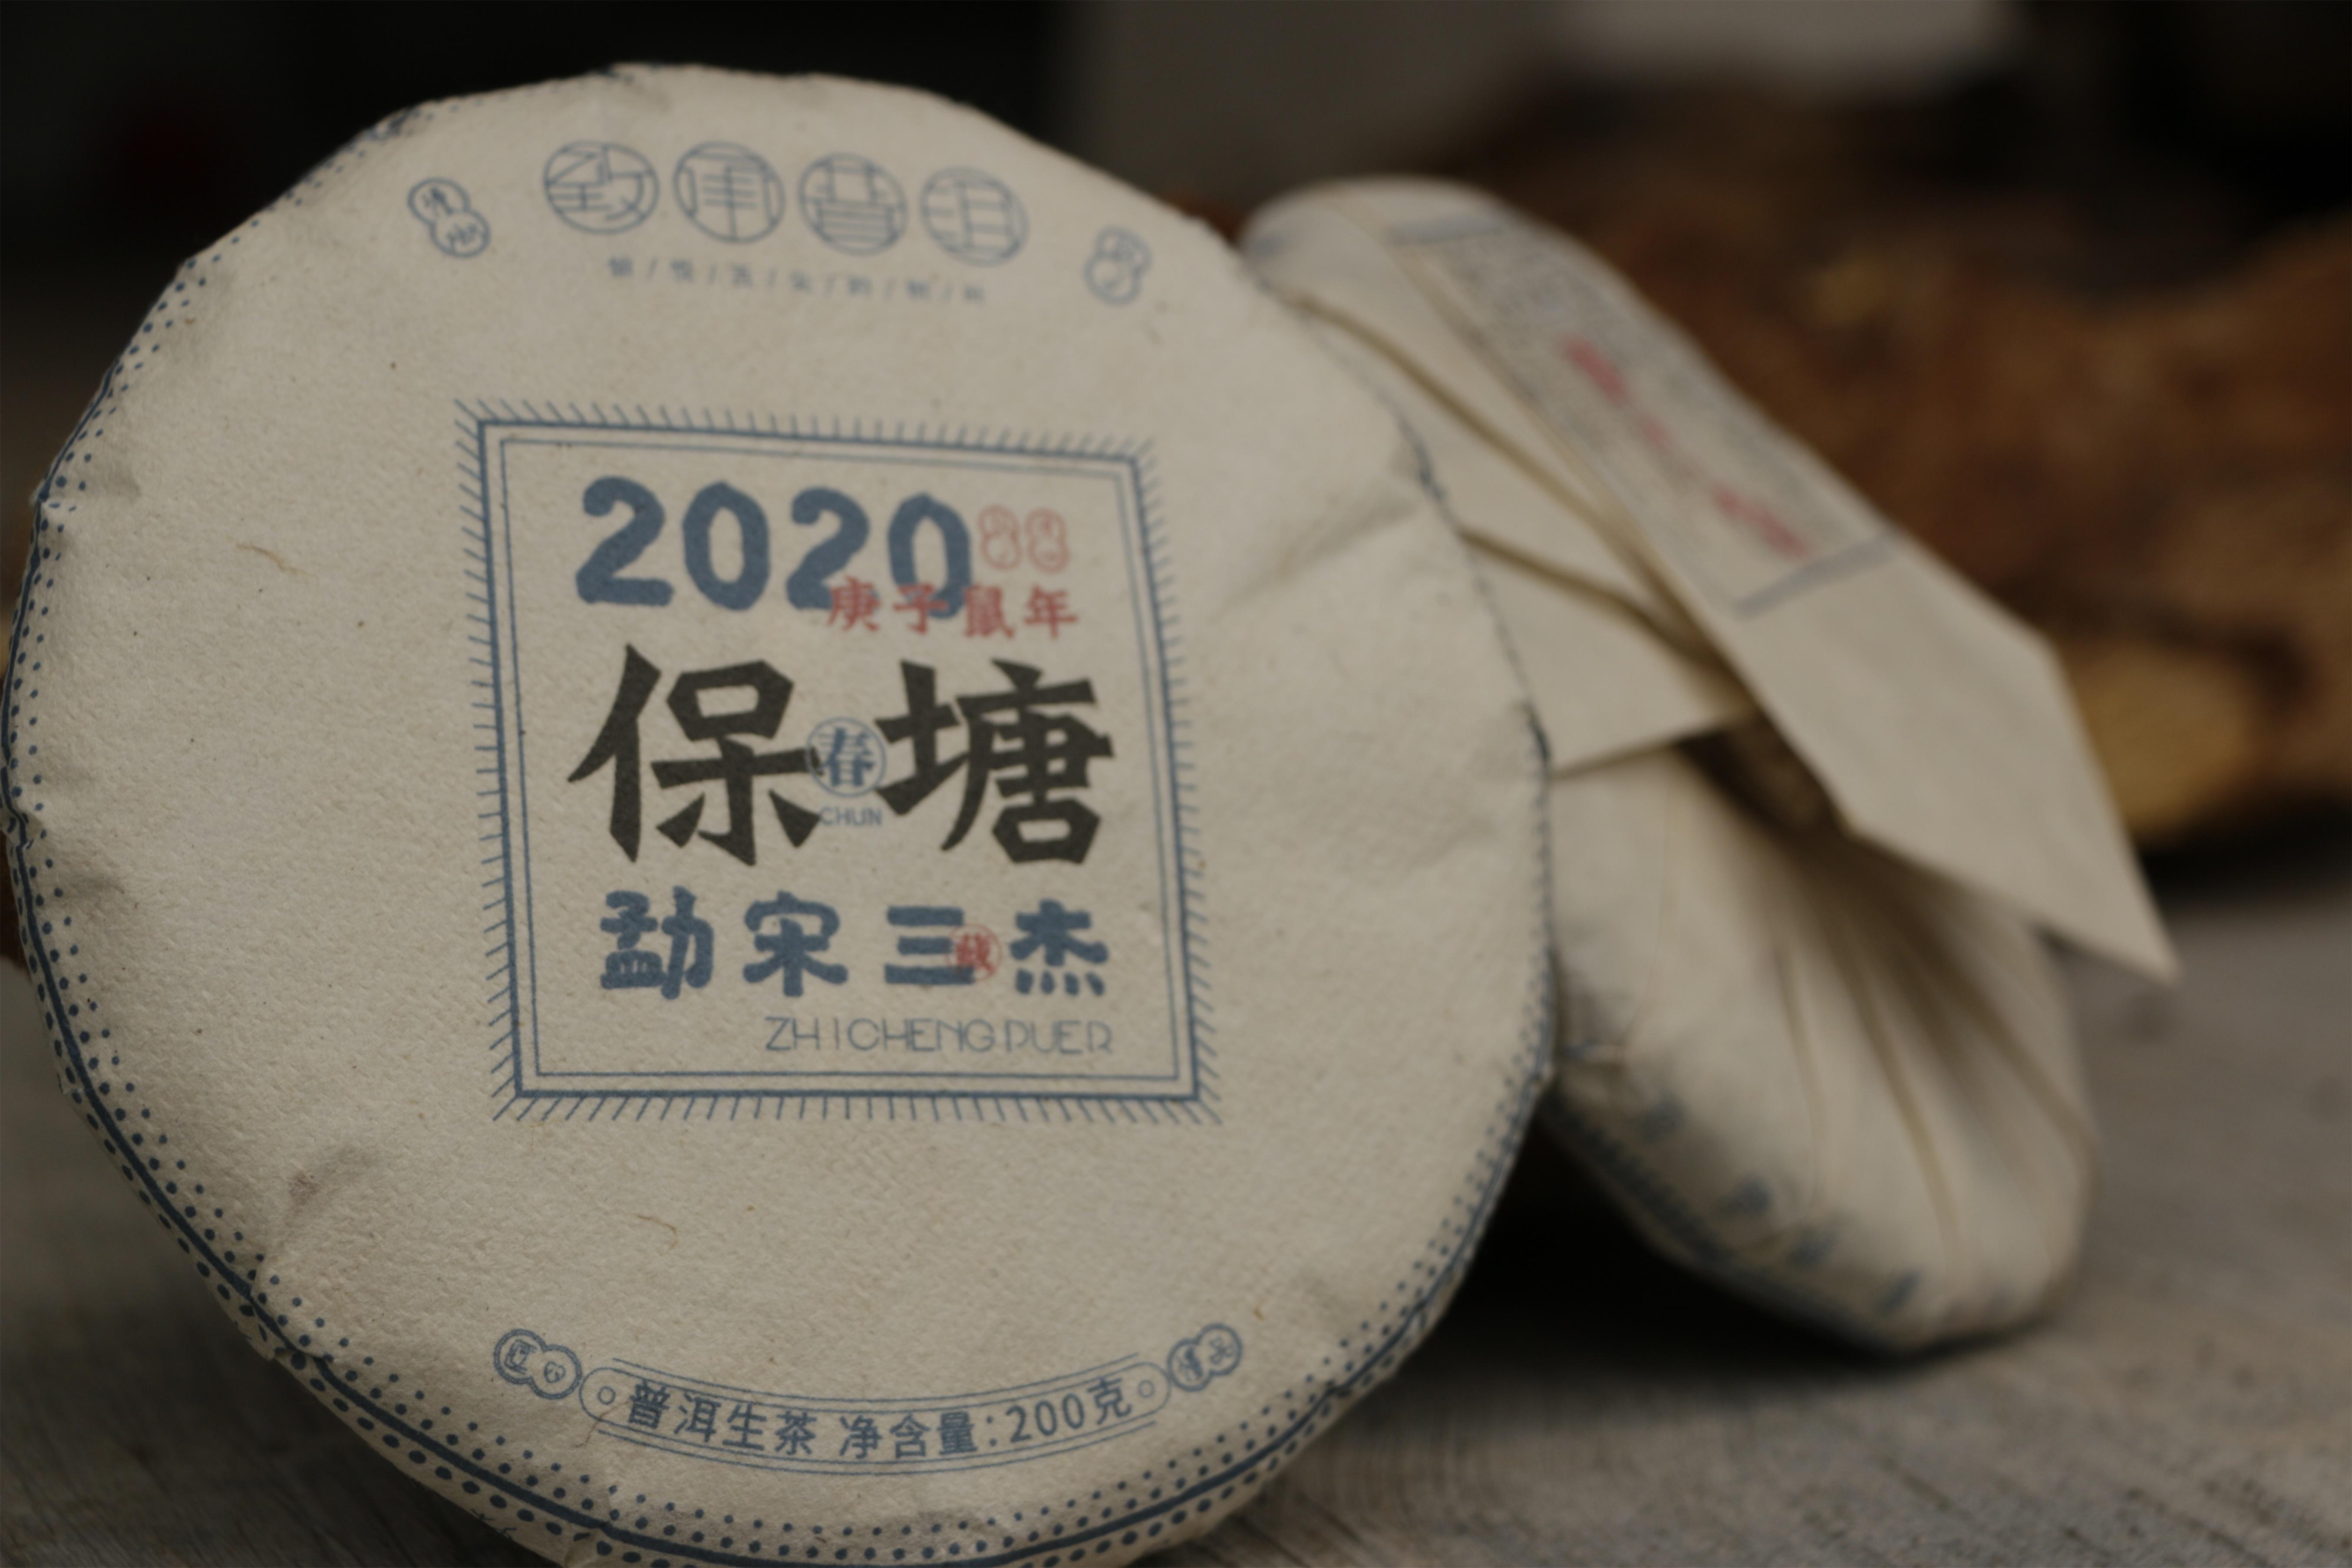 克饼精品生茶 200 年滑竹梁子保塘古树头春 2020 致承普洱